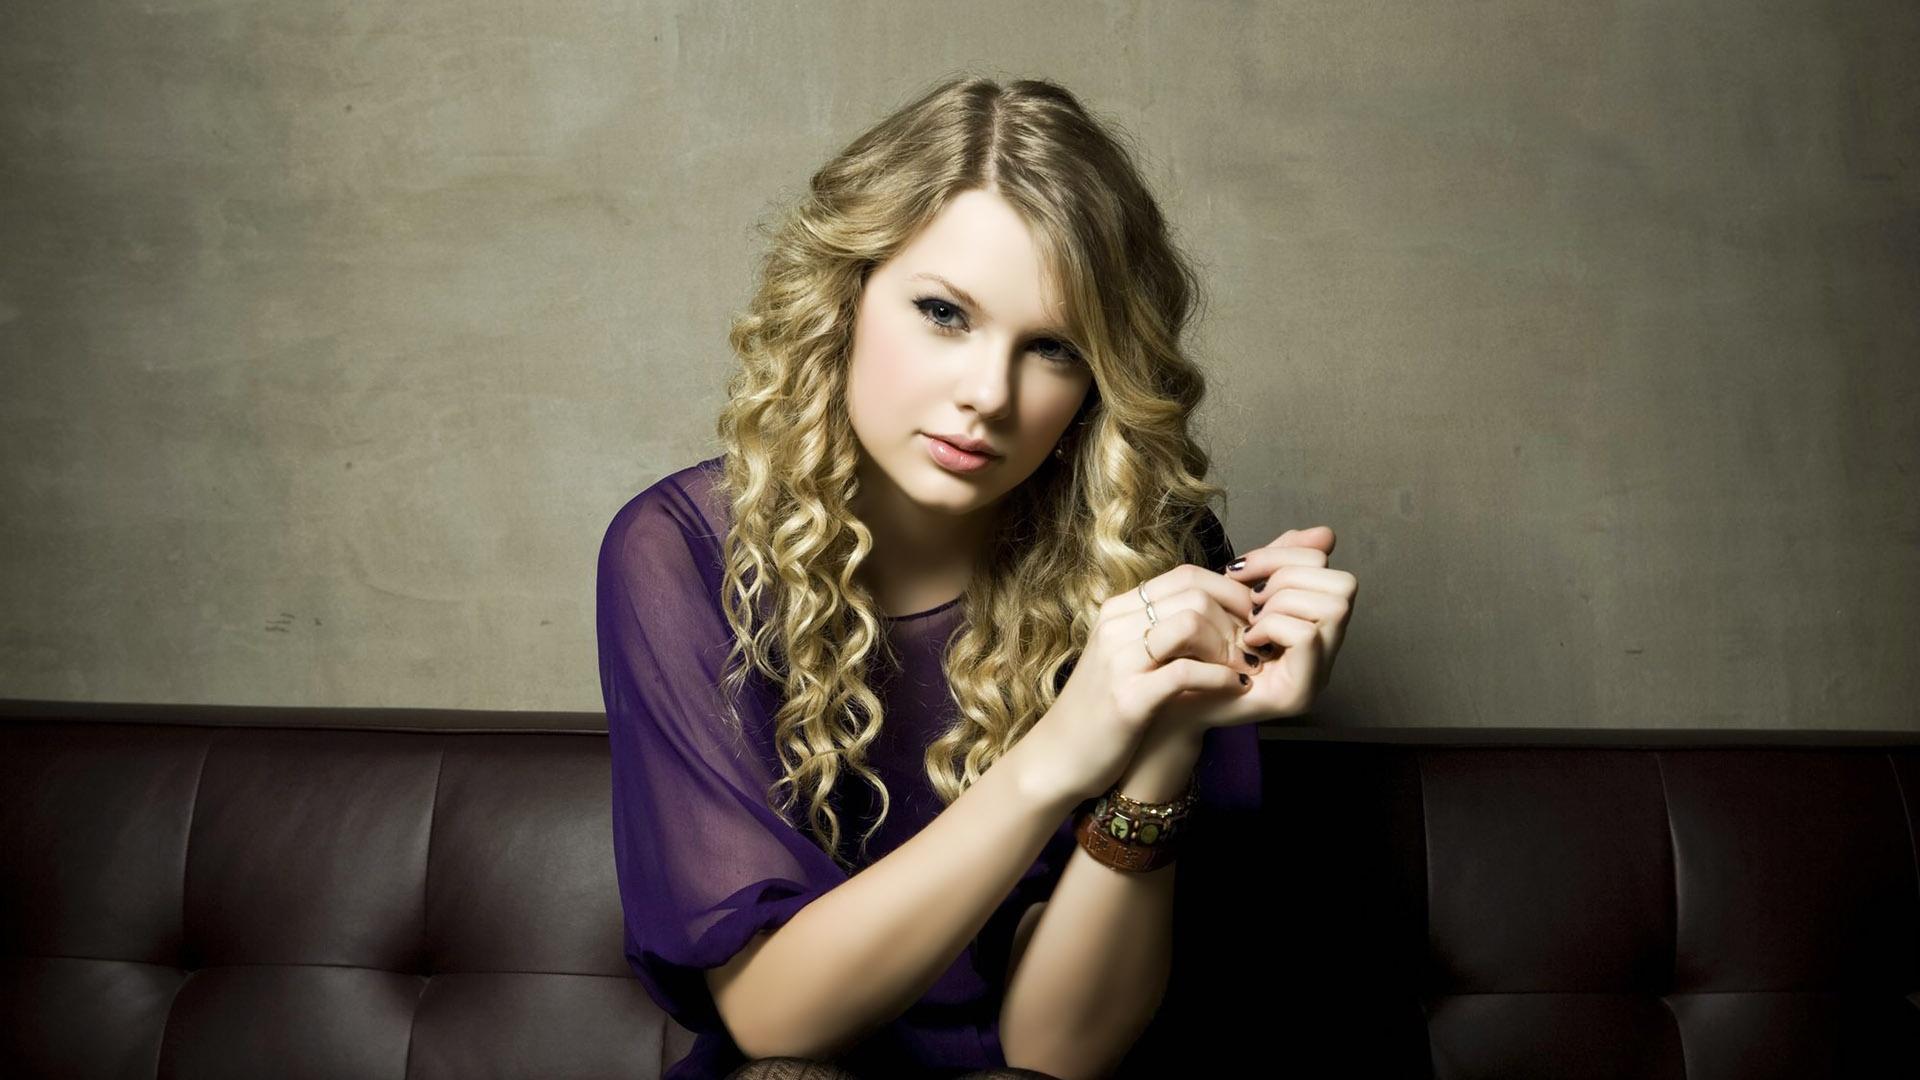 Taylor Swift HD - Taylor Swift Wallpaper (25909807) - Fanpop